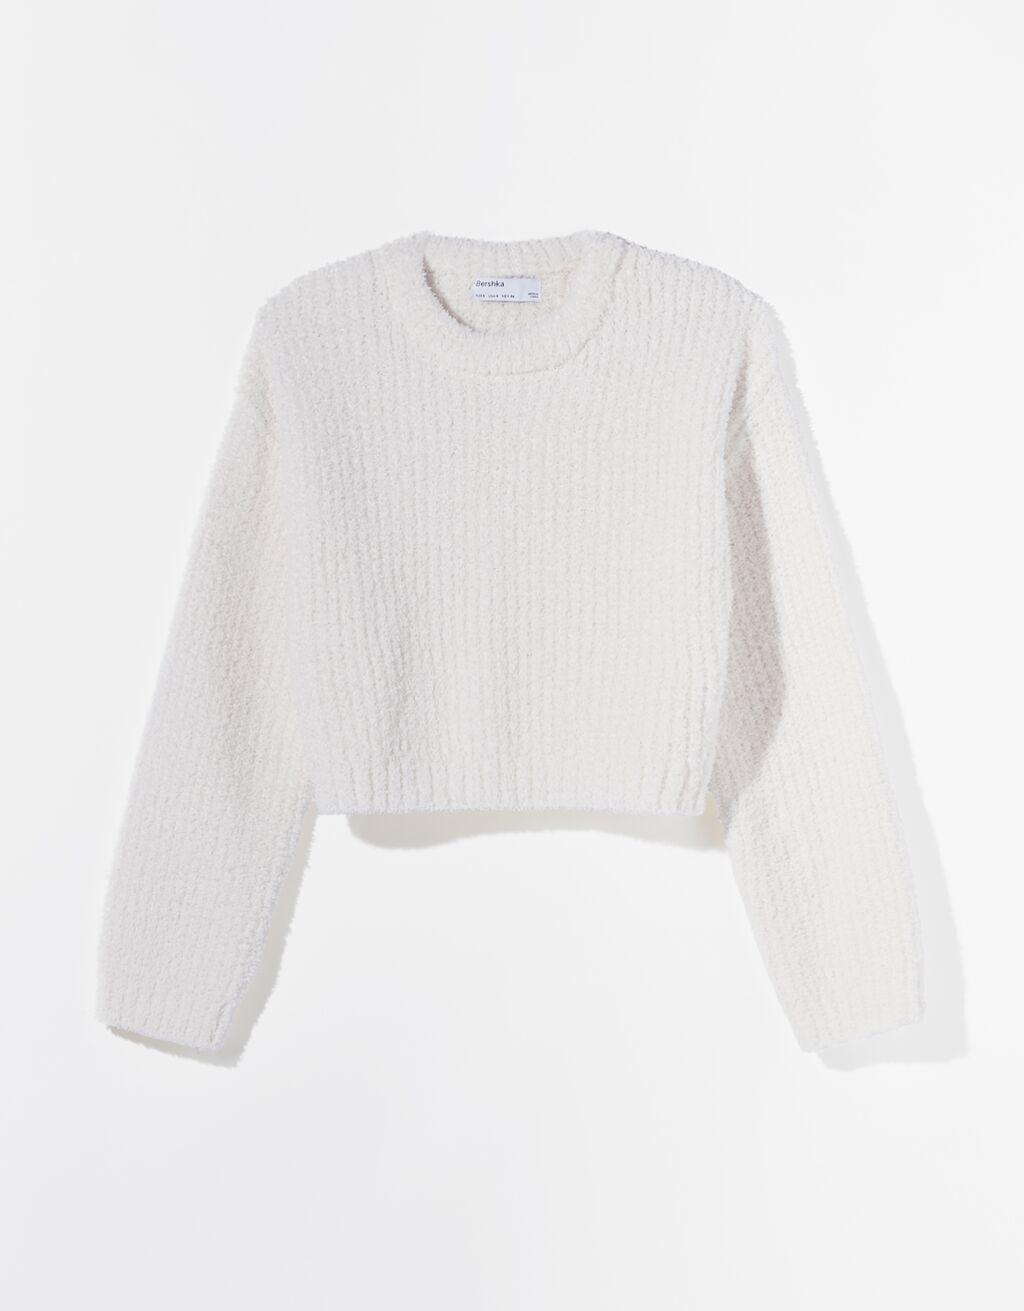 Jersey 'crop top' blanco.